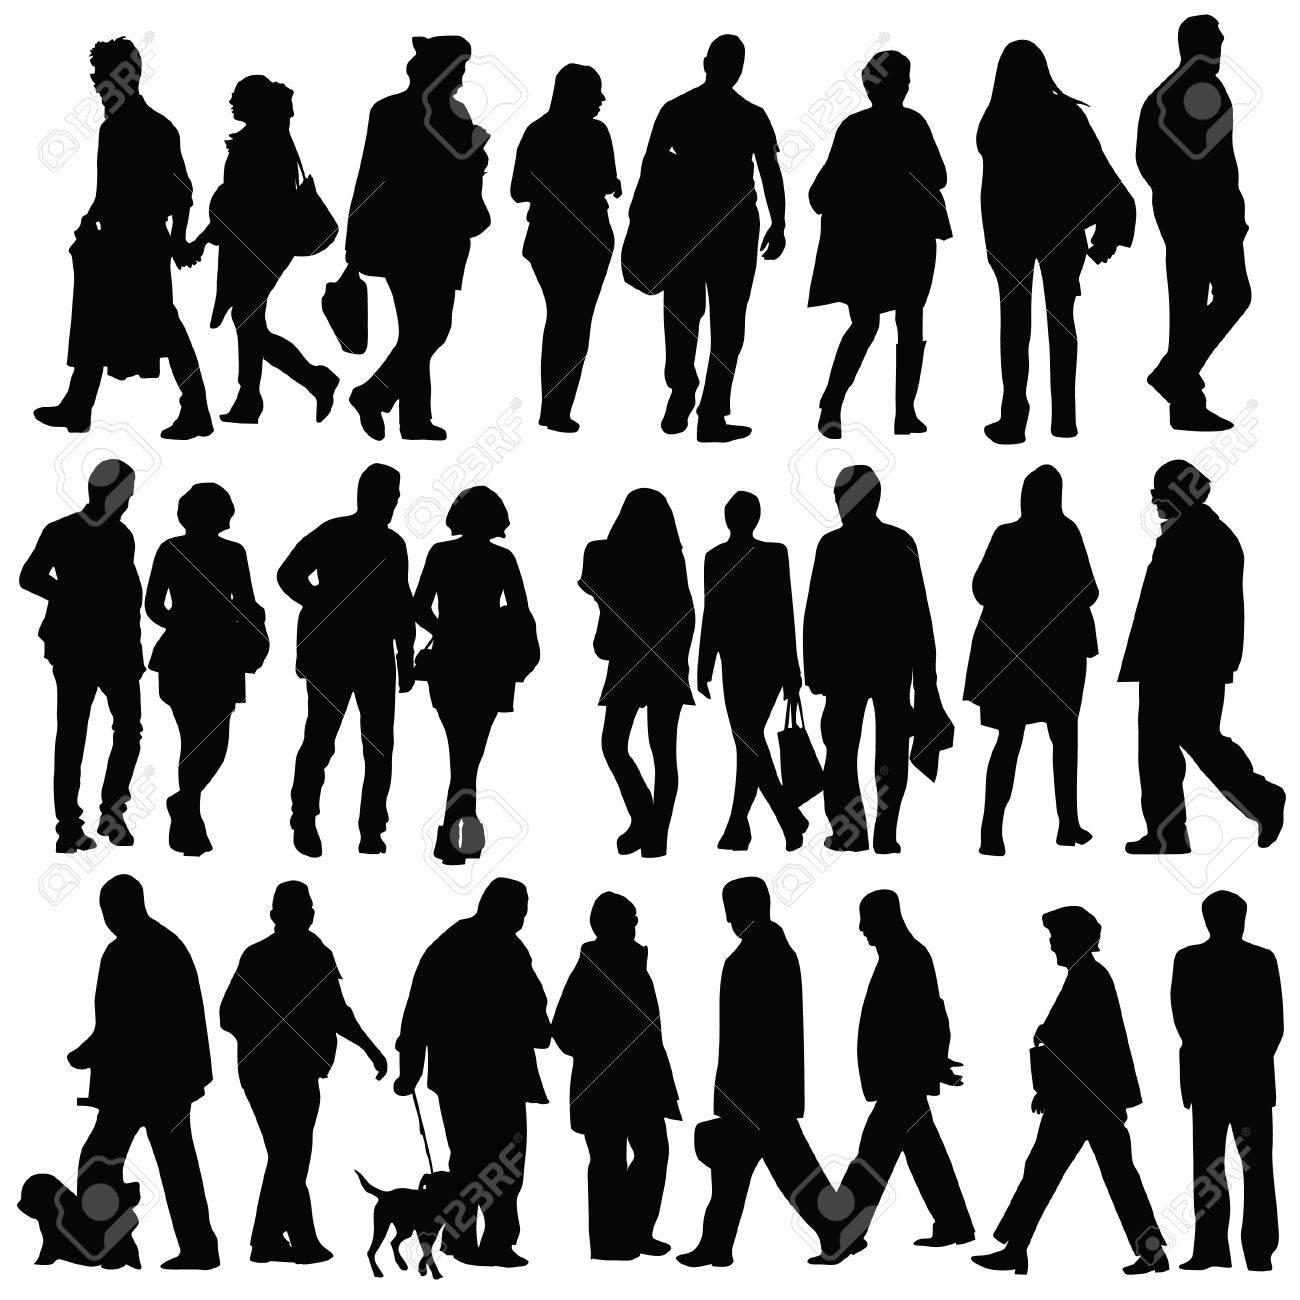 白い背景の上を歩く人のシルエットのイラスト素材ベクタ Image 48898607